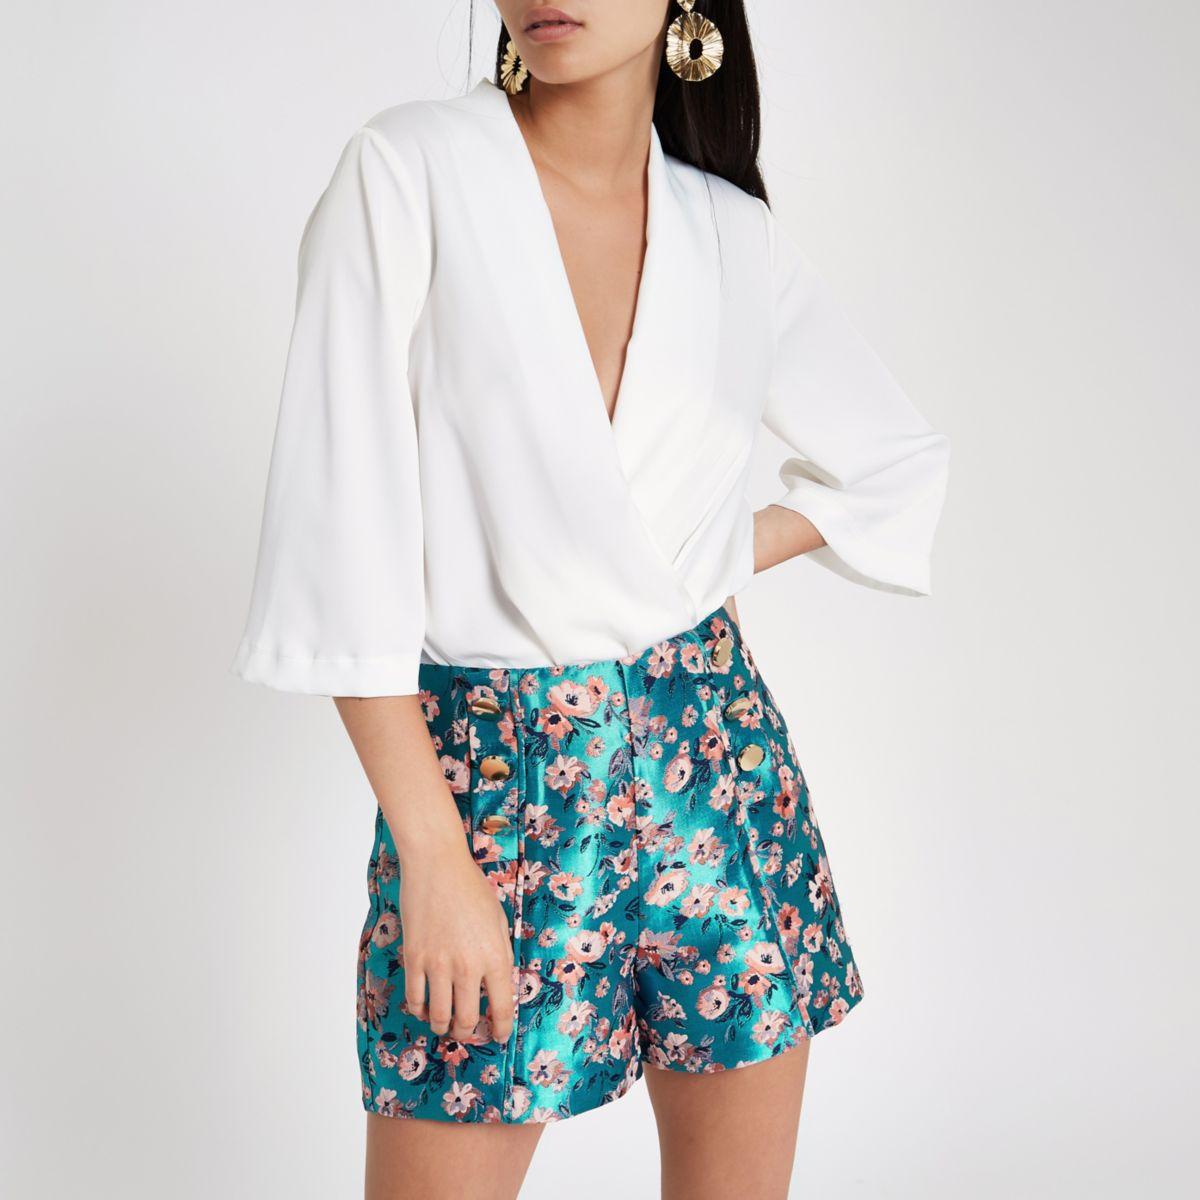 Blue floral jacquard button front shorts